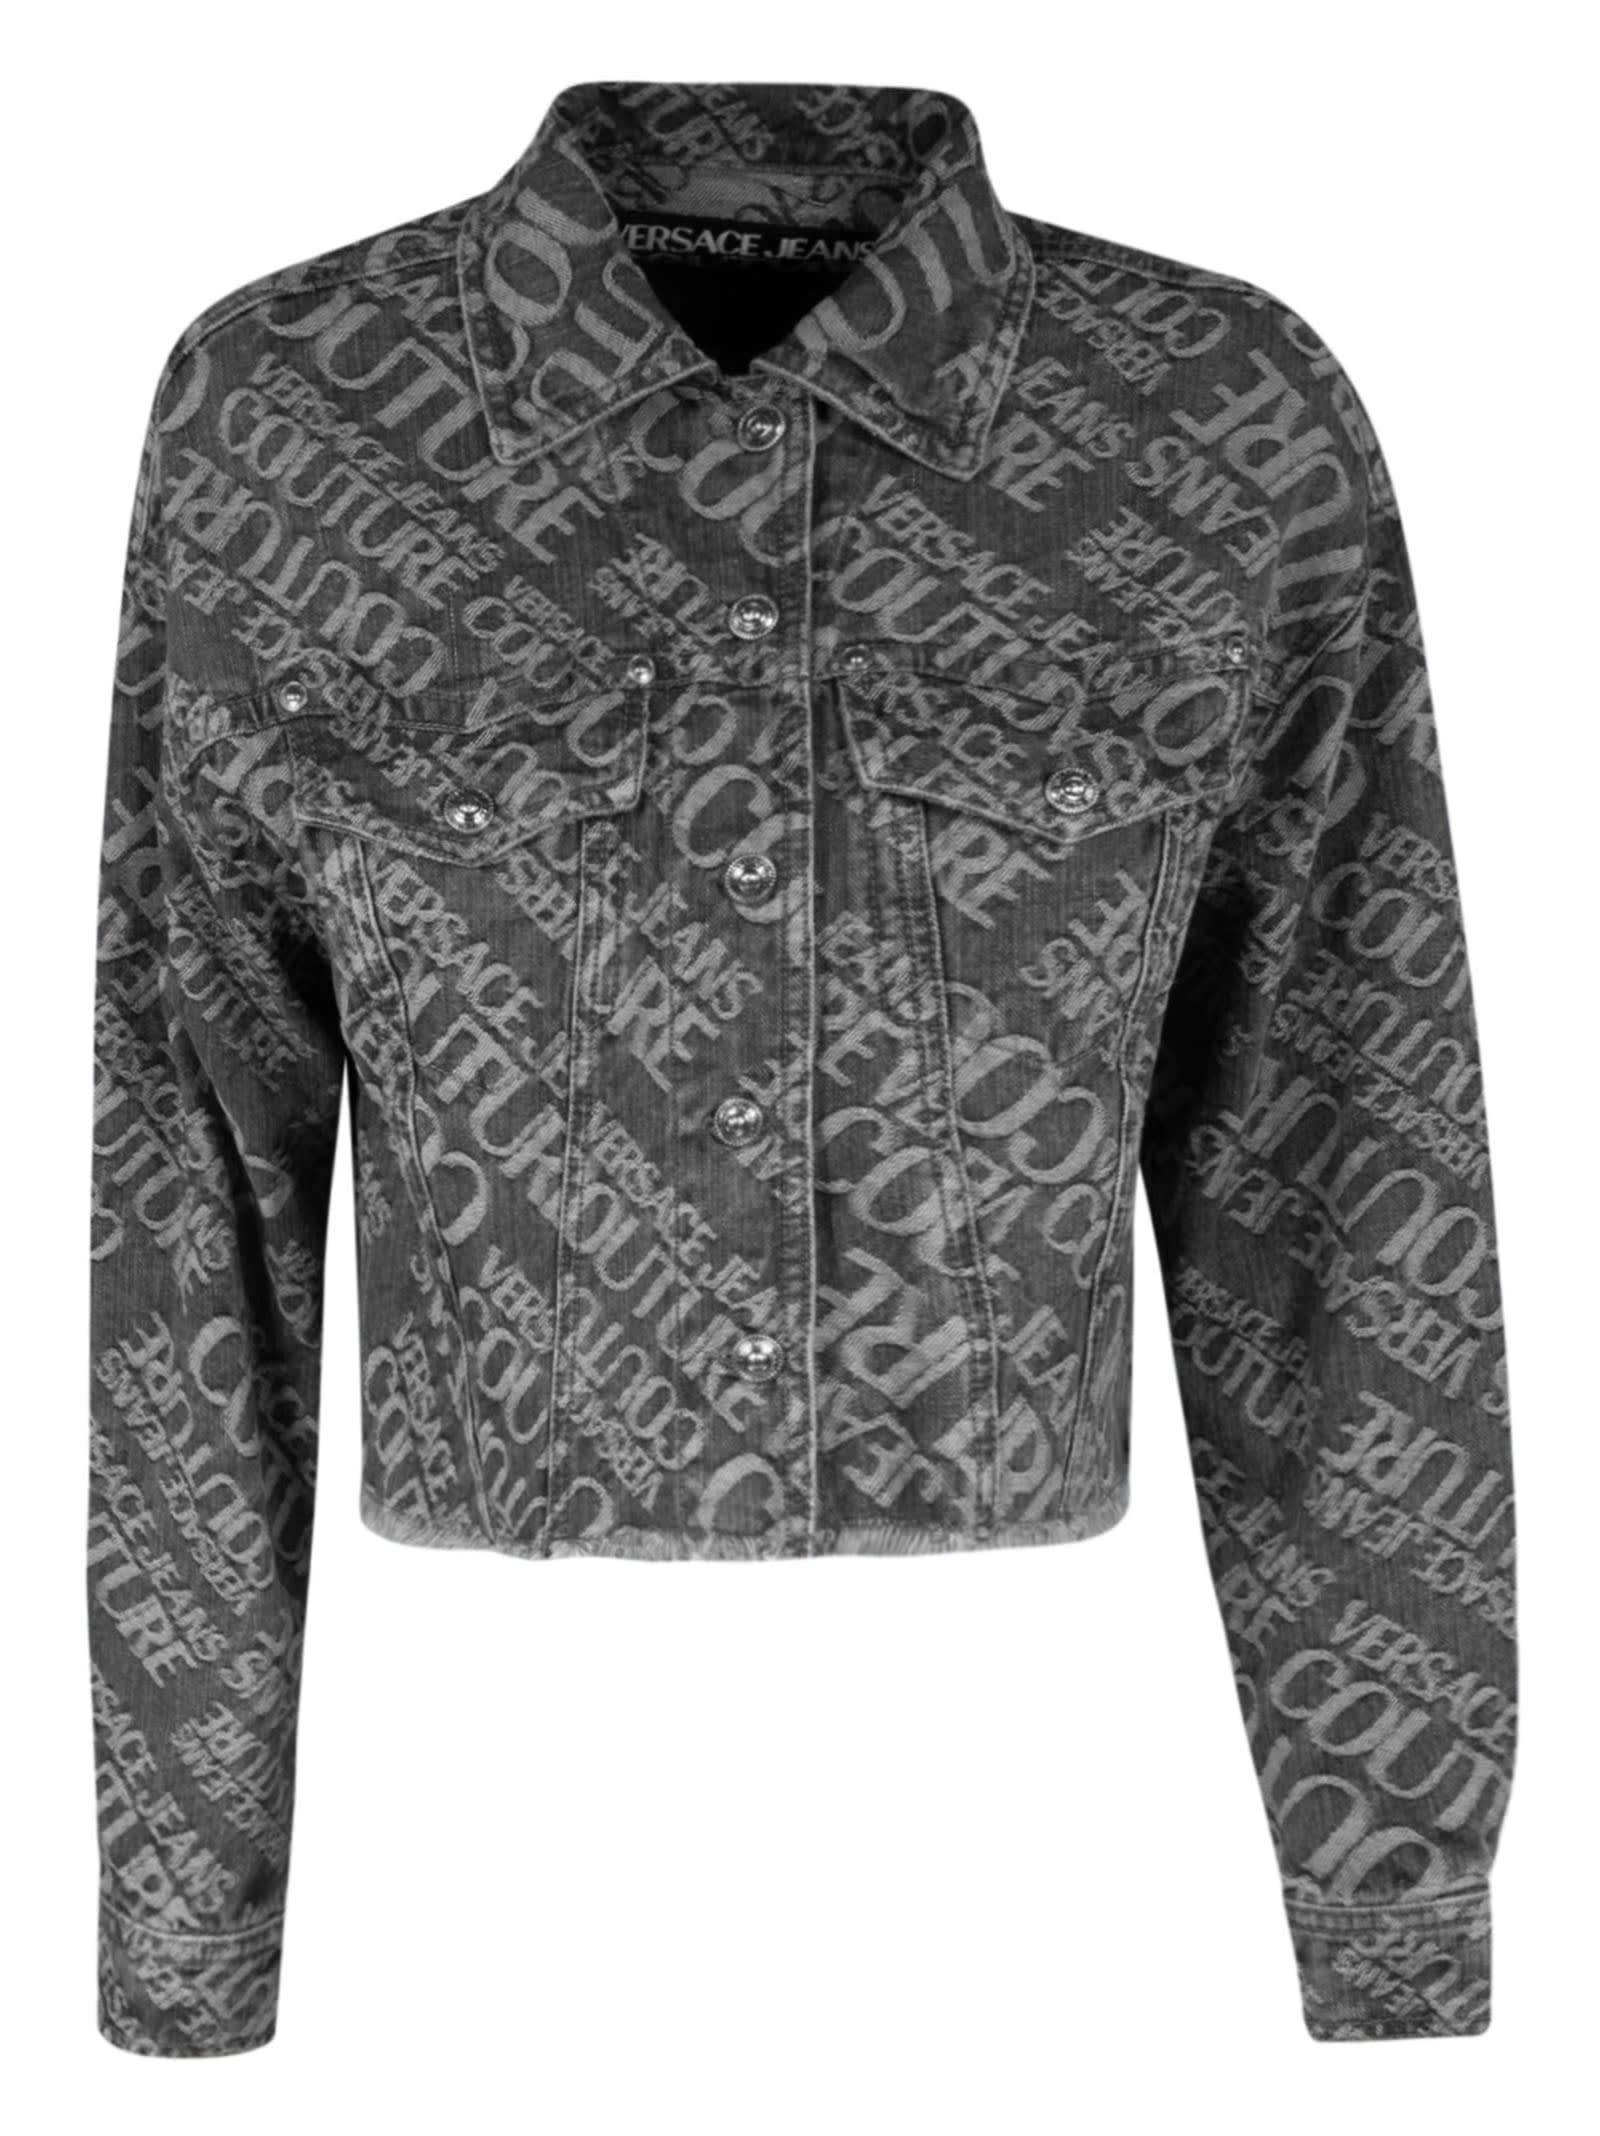 Versace Jeans Couture Logo Motif Print Denim Jacket